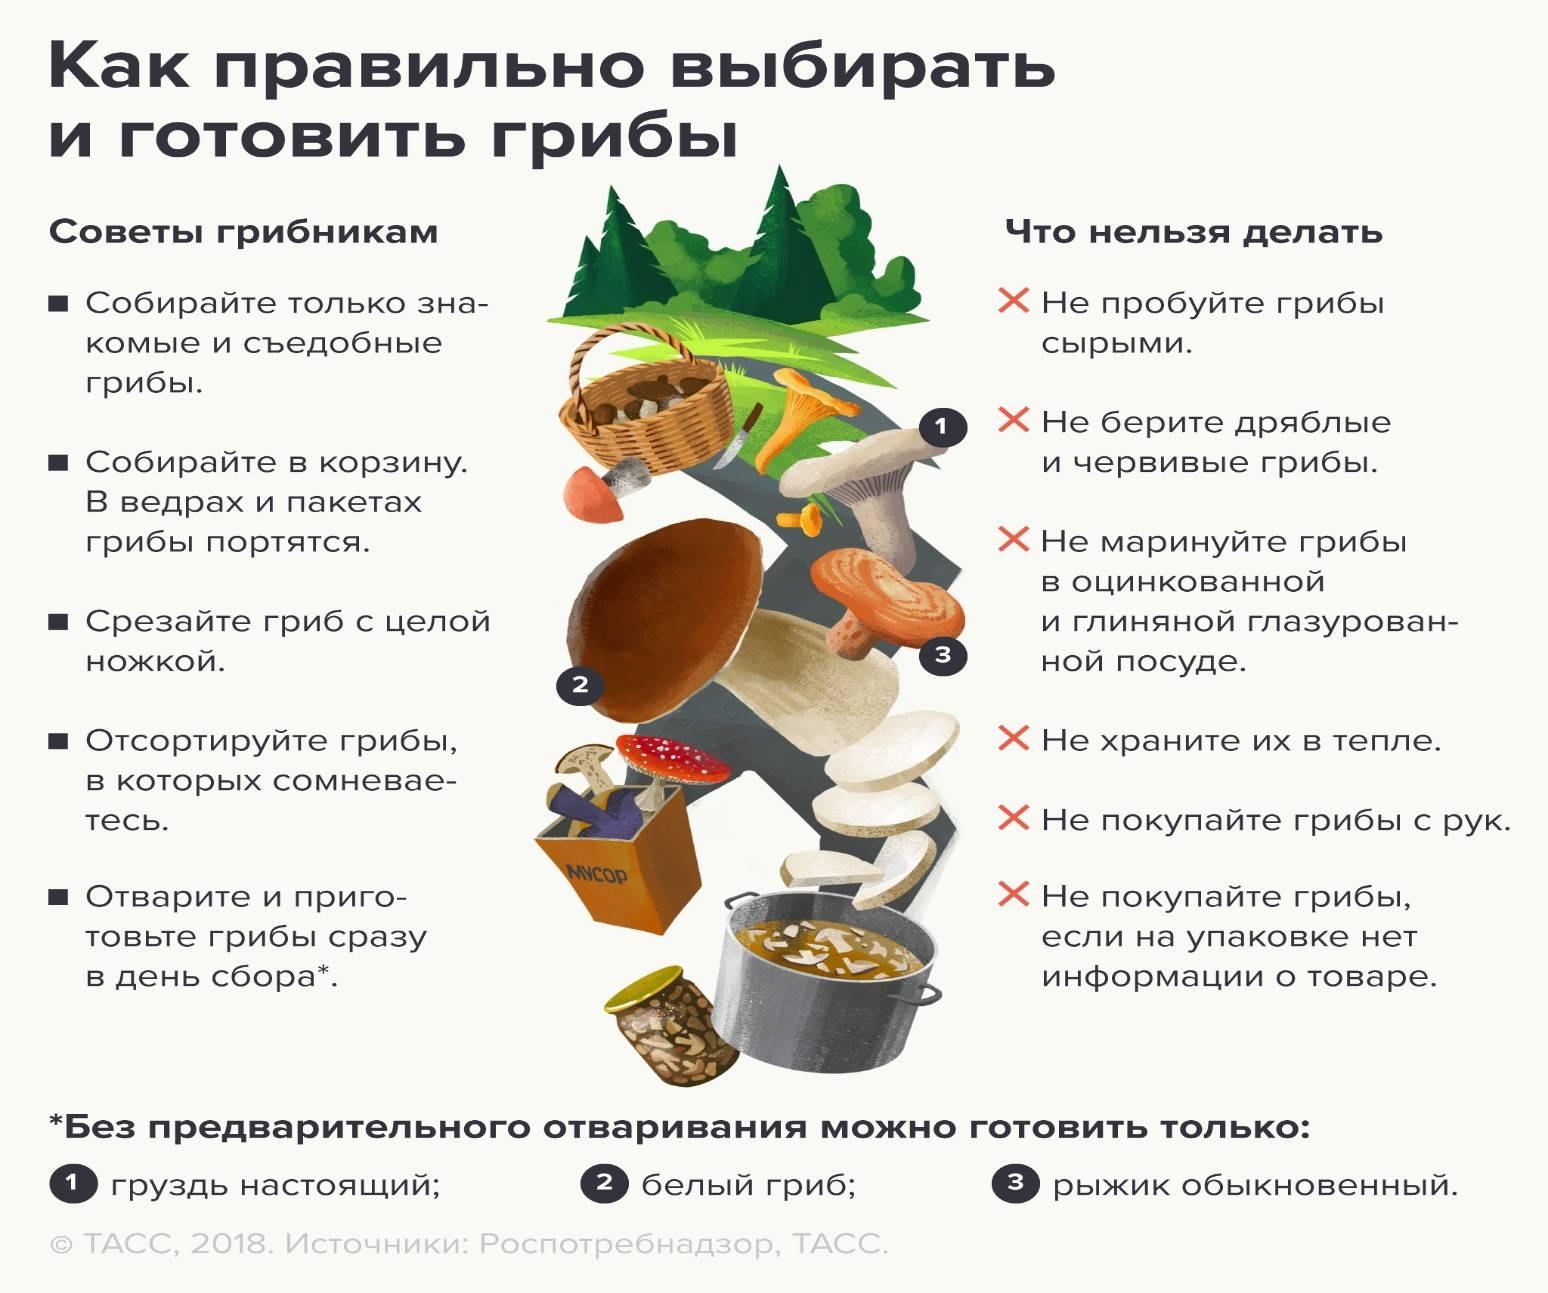 Отравление ядовитыми грибами. симптомы и признаки. первая помощь при отравлении, что делать? профилактика отравлений грибами. :: polismed.com